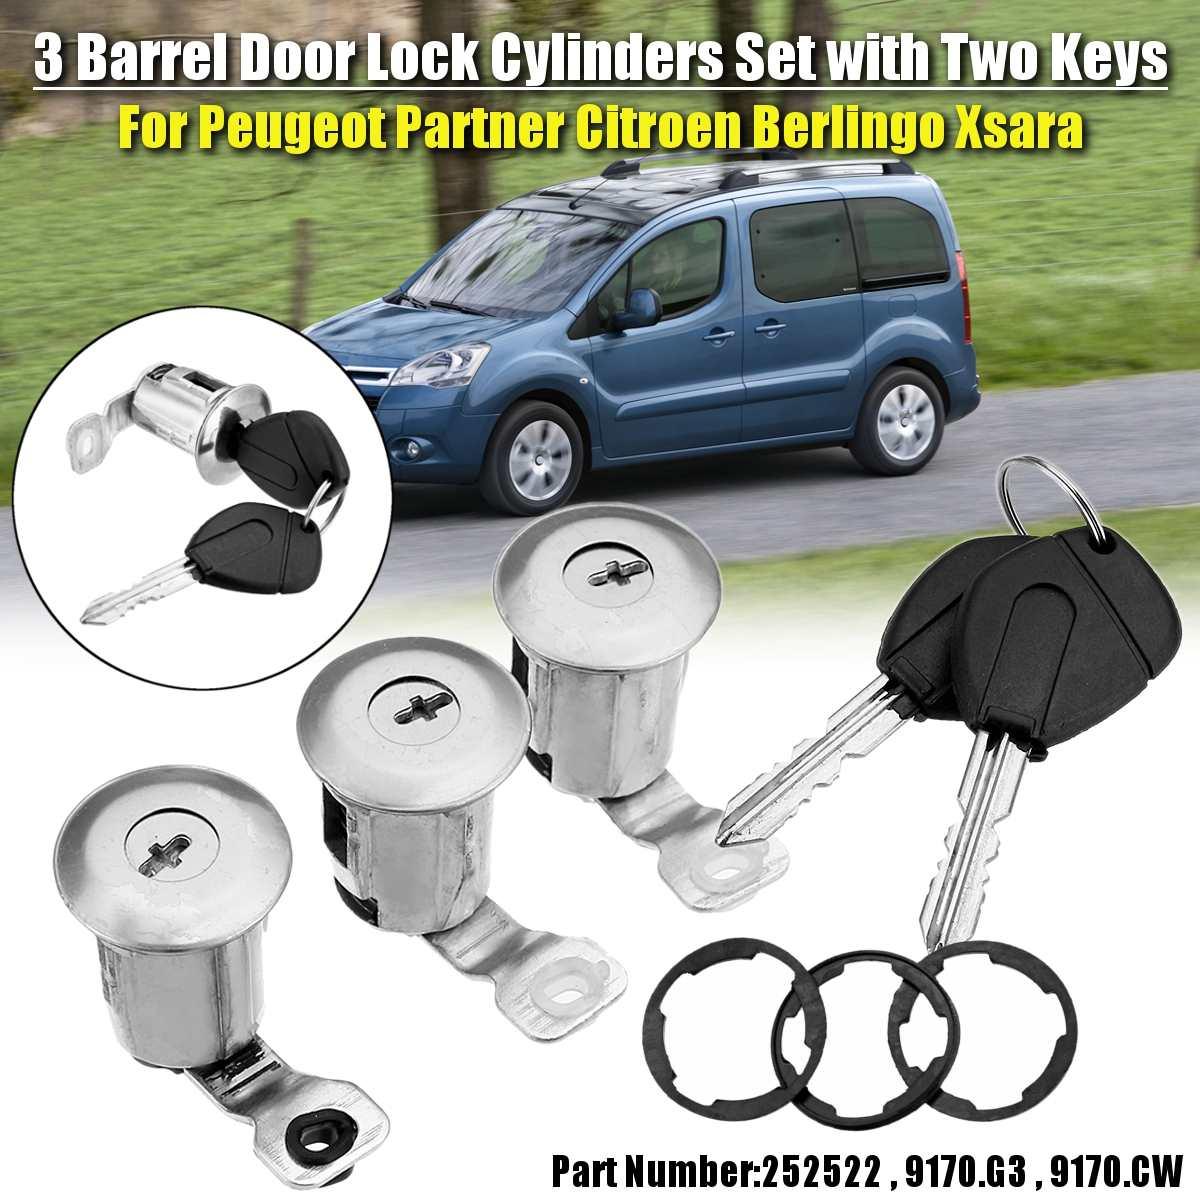 9170G3 252522 cylindre de serrure de porte gauche droite avec 2 clés pour CITROEN BERLINGO XSARA PICASSO pour PEUGEOT PARTNER accessoires de voiture